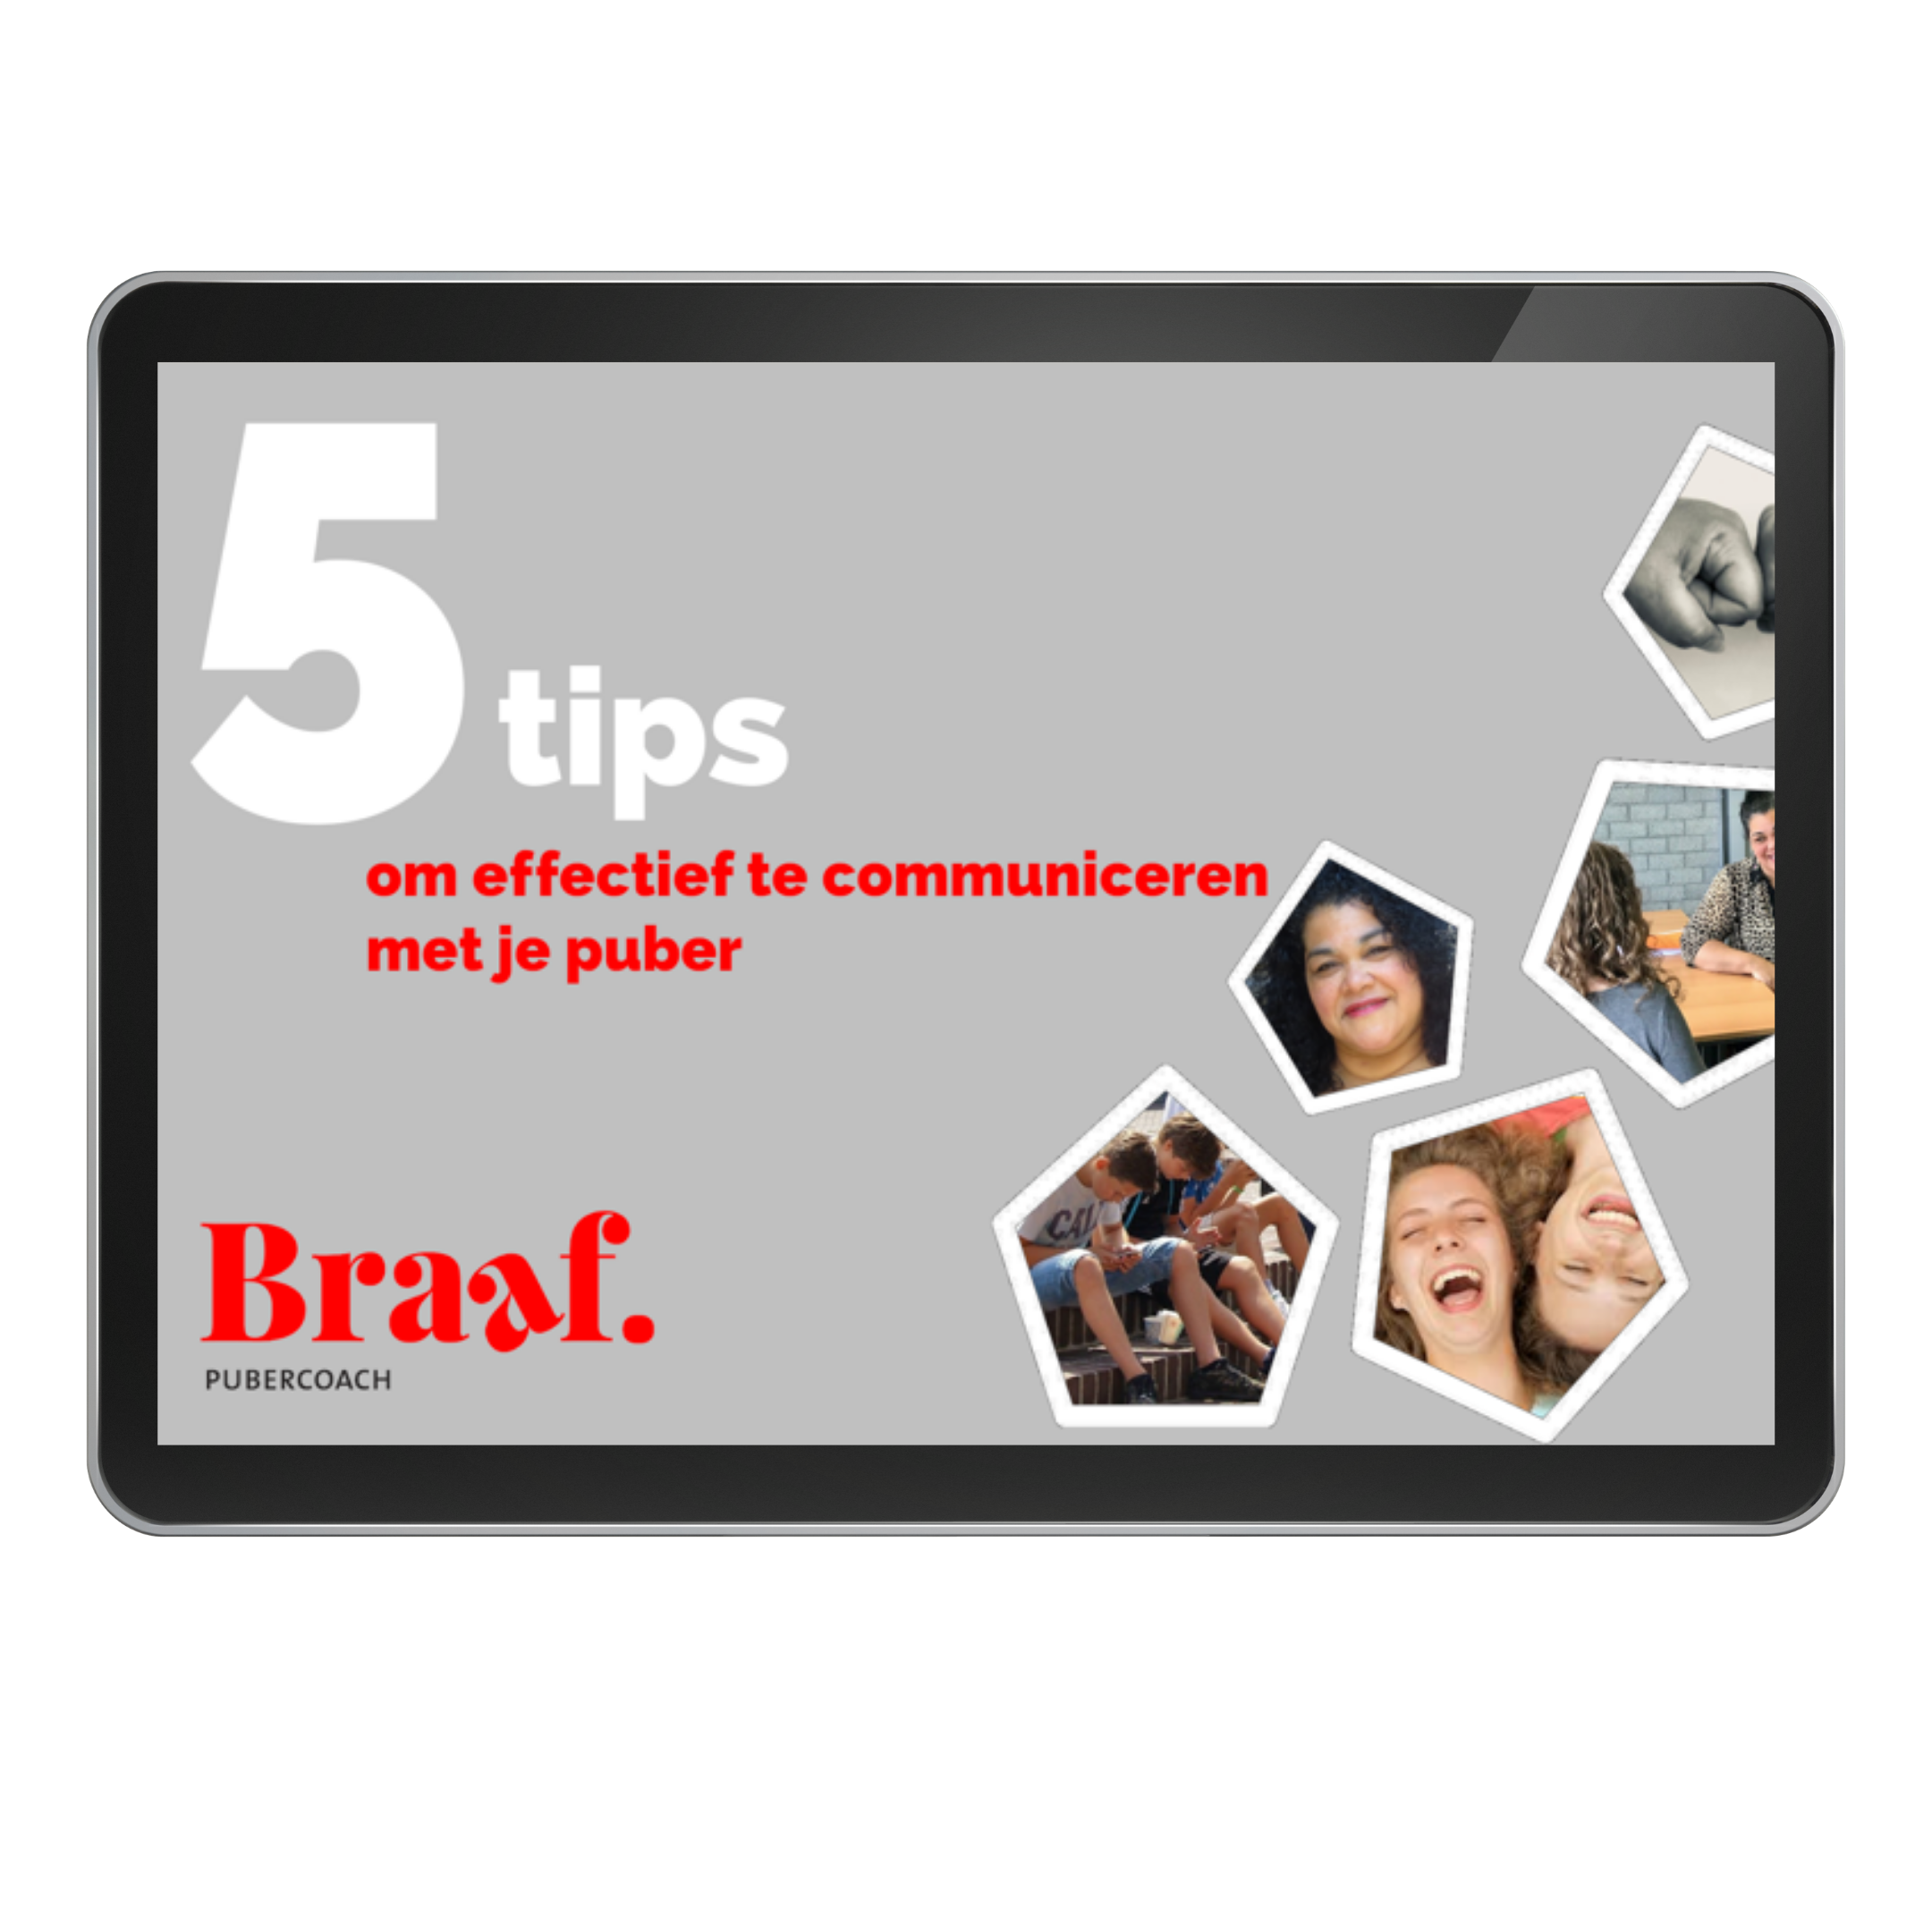 5 tips om effectief te communiceren met je puber 1